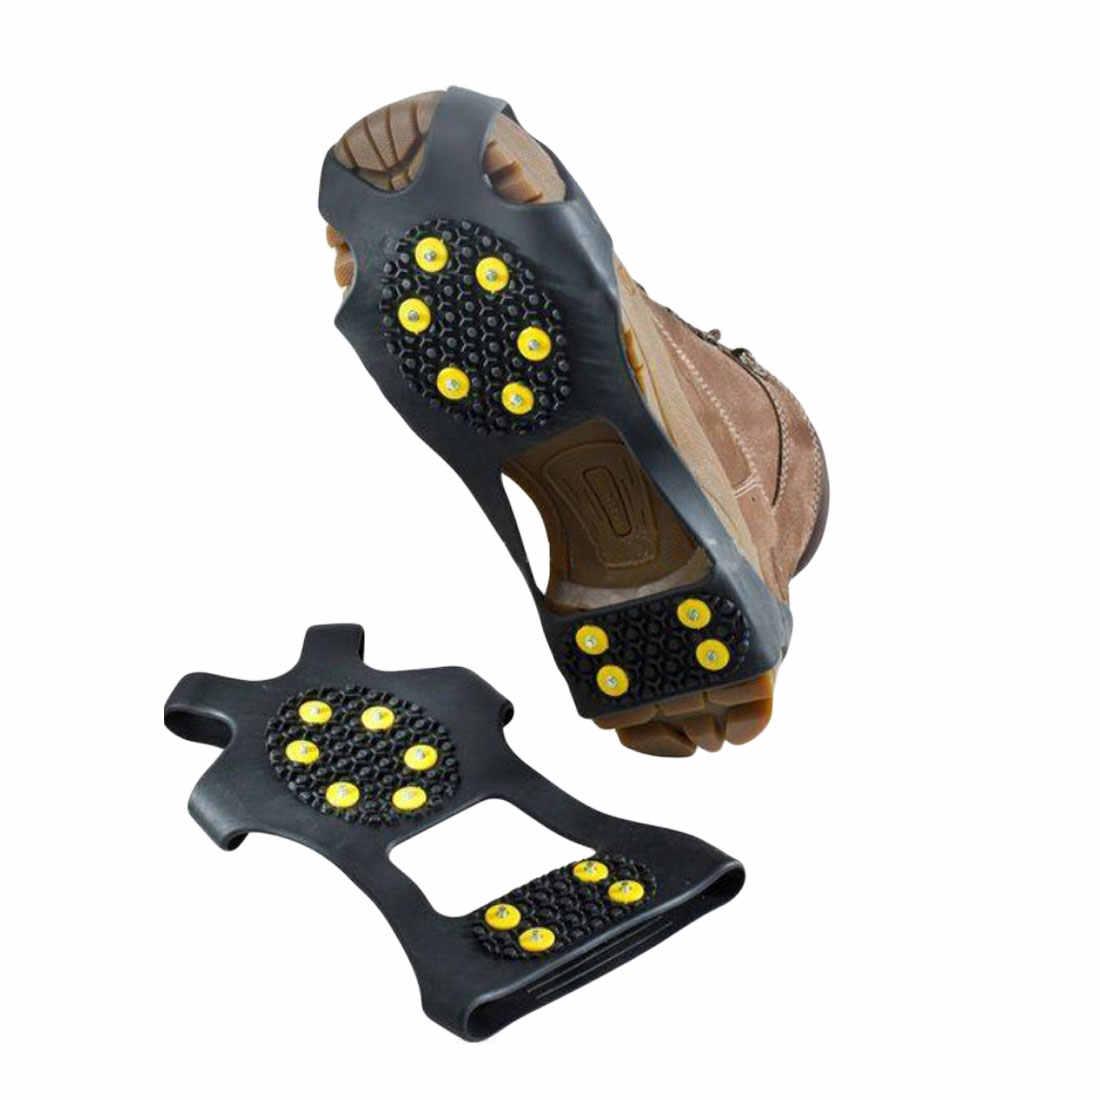 3 Size 10 Studs Anti-Slip Ice Winter Klimmen Geen Slip Sneeuw Schoenen Spikes Grips Cleats Over Schoenen Covers stijgijzers